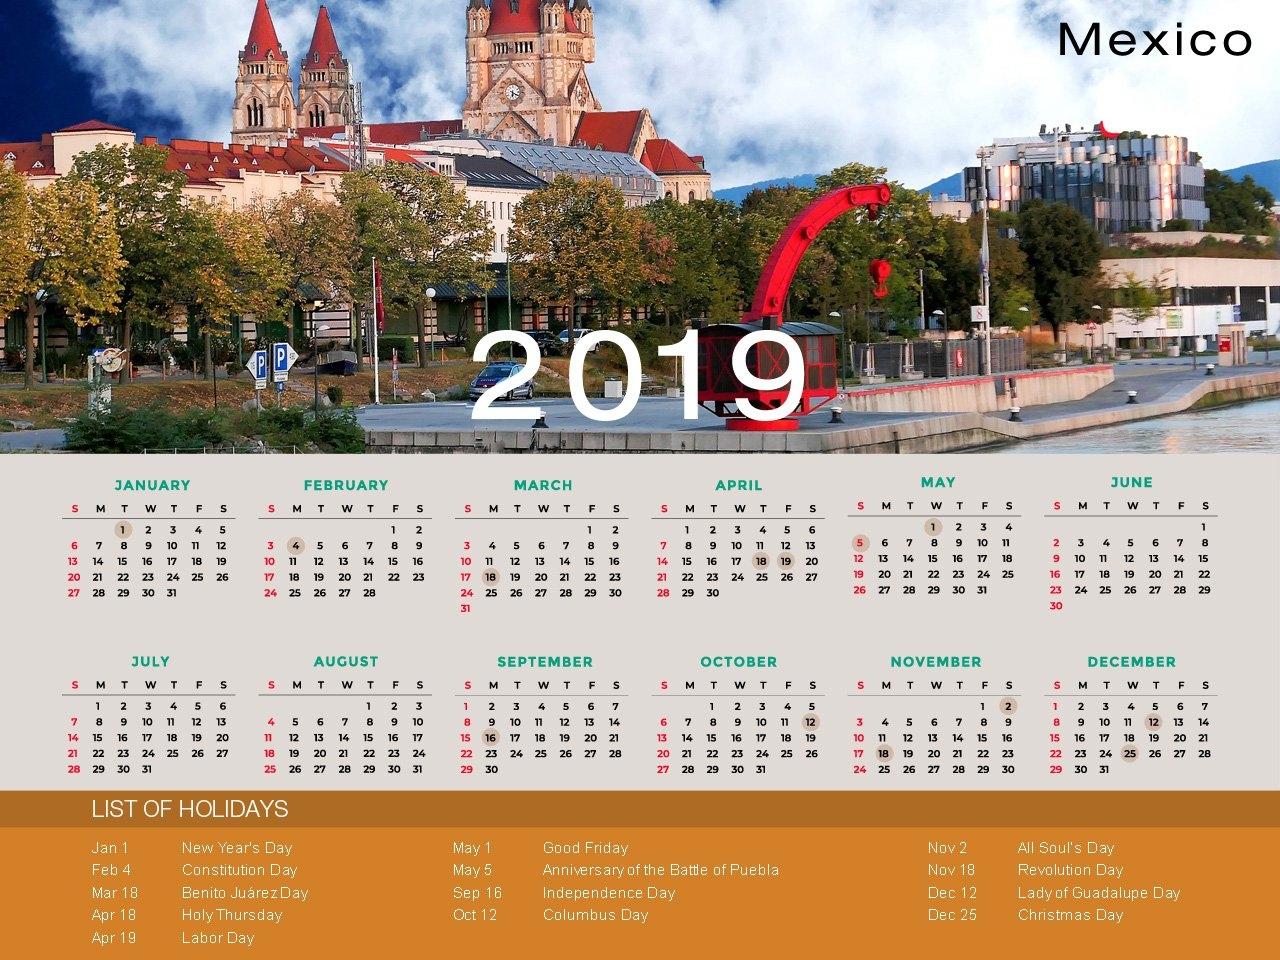 Mexico Holiday Calendar 2019 Calendar 2019 Mexico